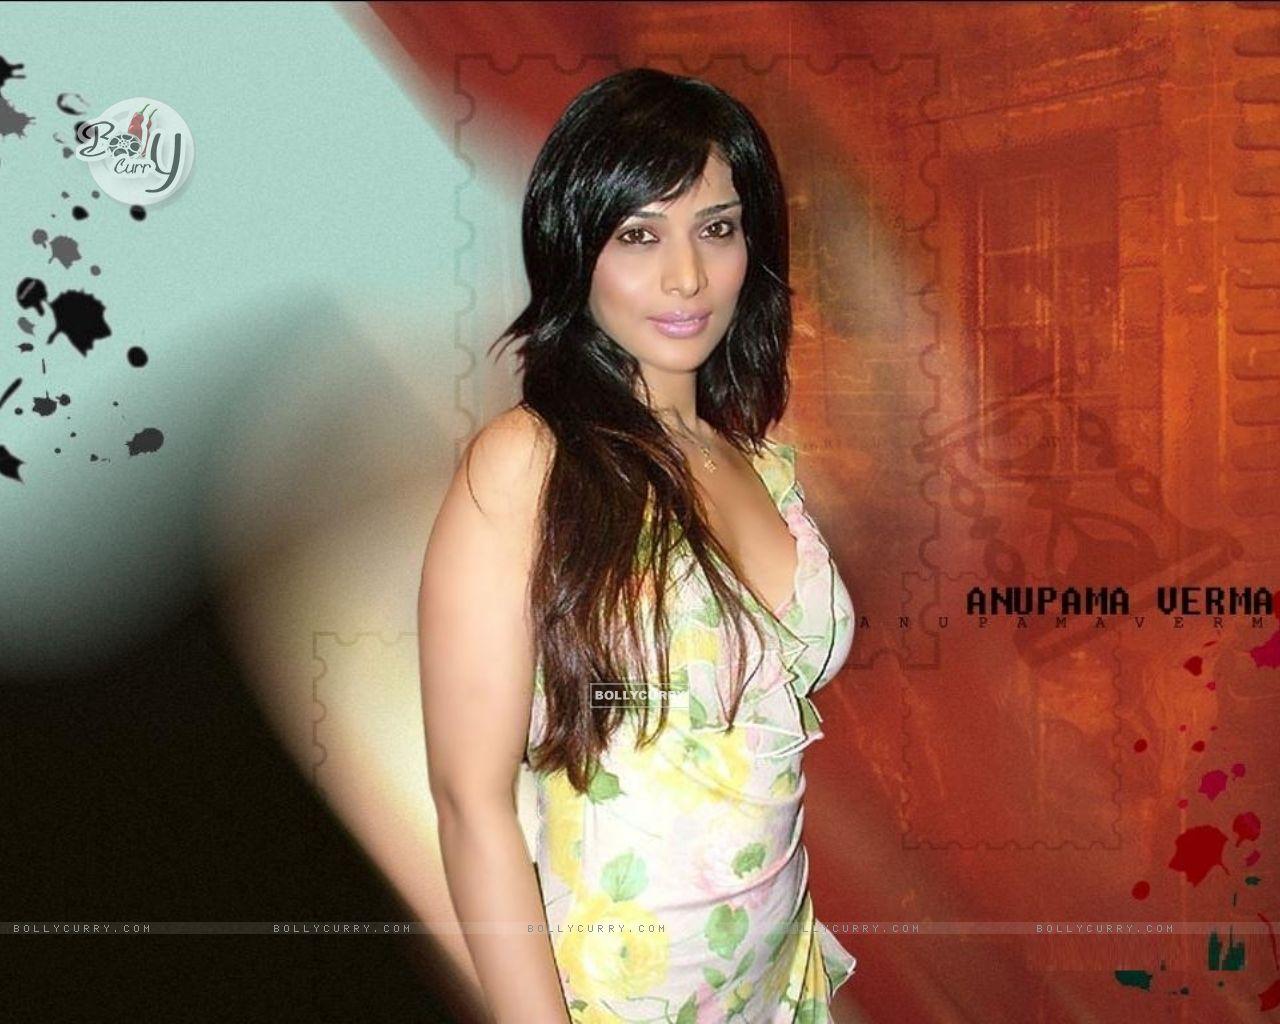 Anupama Verma - Photo Colection